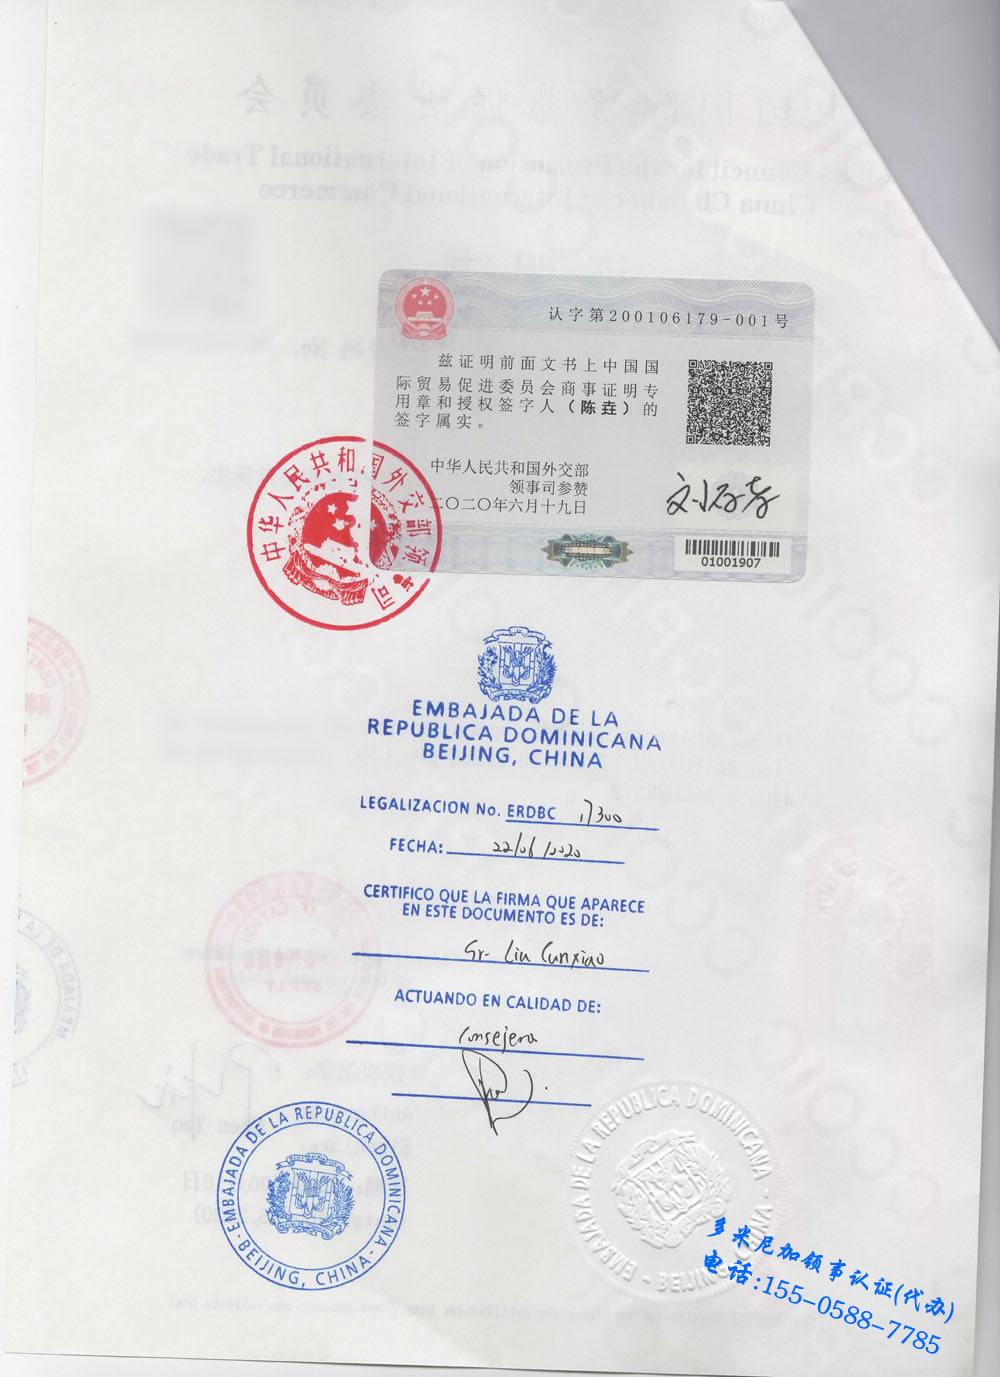 多米尼加领事认证